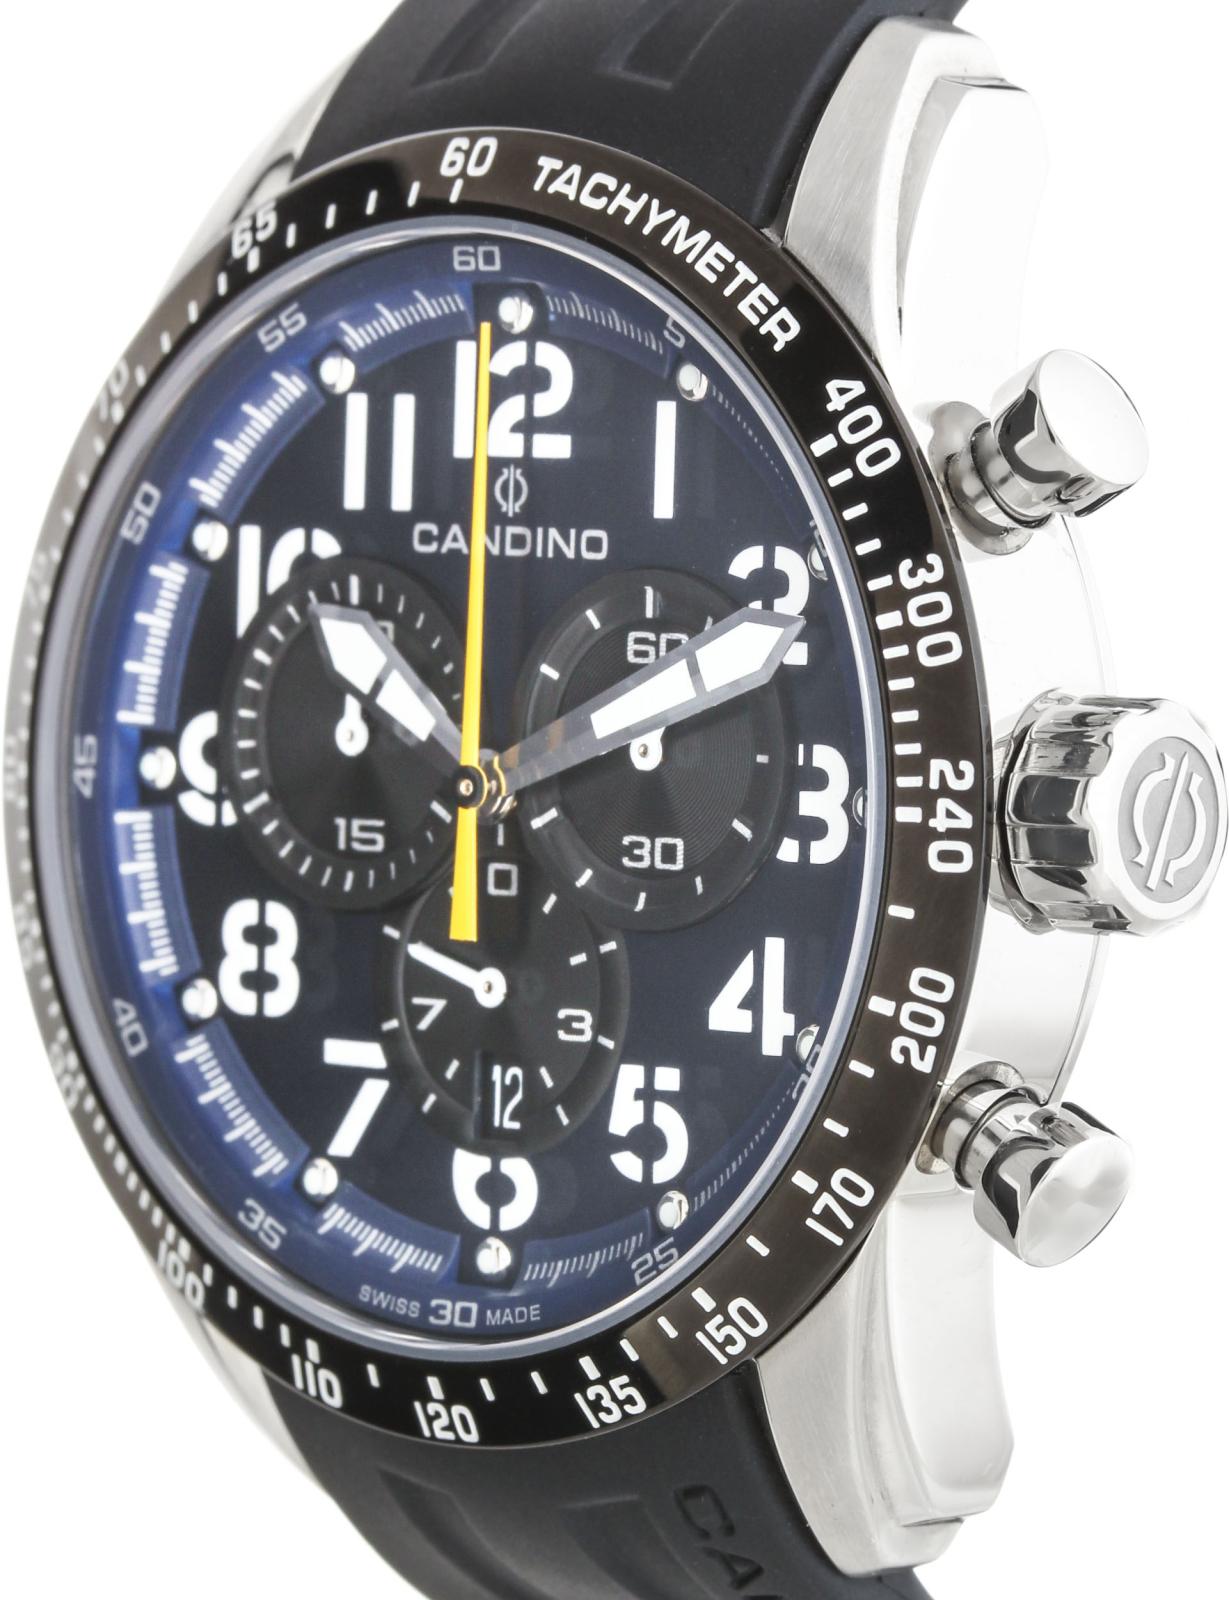 Candino Сhronograph C4472/3Наручные часы<br>Швейцарские часы Candino Сhronograph C4472/3Модель входит в коллекцию Сhronograph. Это стильные мужские часы. Материал корпуса часов &amp;mdash; сталь. В этой модели стоит сапфировое стекло. Водозащита этих часов 100 м.<br><br>Пол: Мужские<br>Страна-производитель: Швейцария<br>Механизм: Кварцевый<br>Материал корпуса: Сталь<br>Материал ремня/браслета: Каучук<br>Водозащита, диапазон: 100 - 150 м<br>Стекло: Сапфировое<br>Толщина корпуса: None<br>Стиль: None